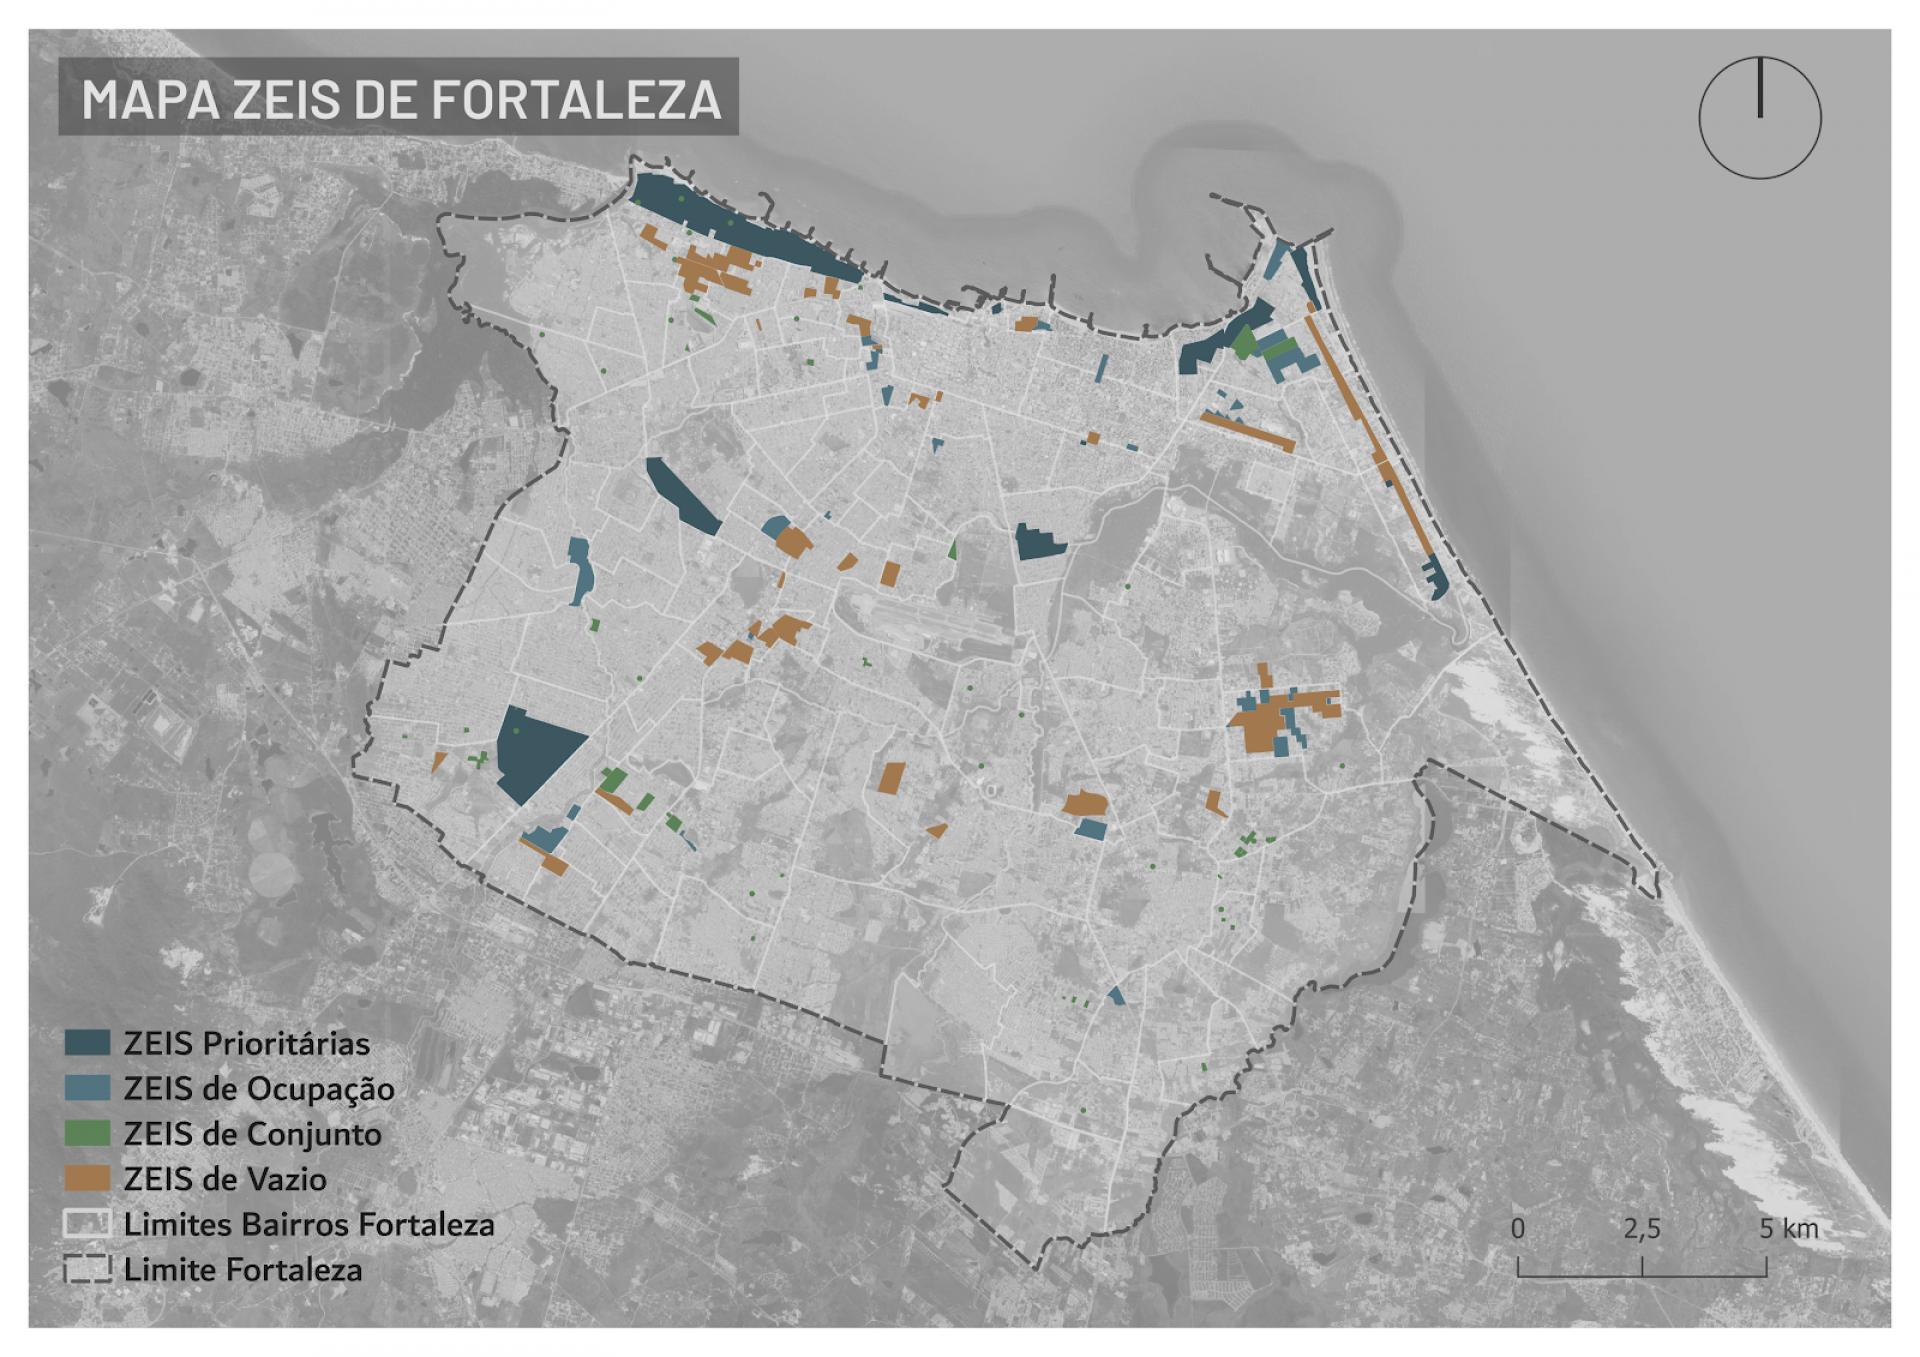 Mapa com demarcações das ZEIS